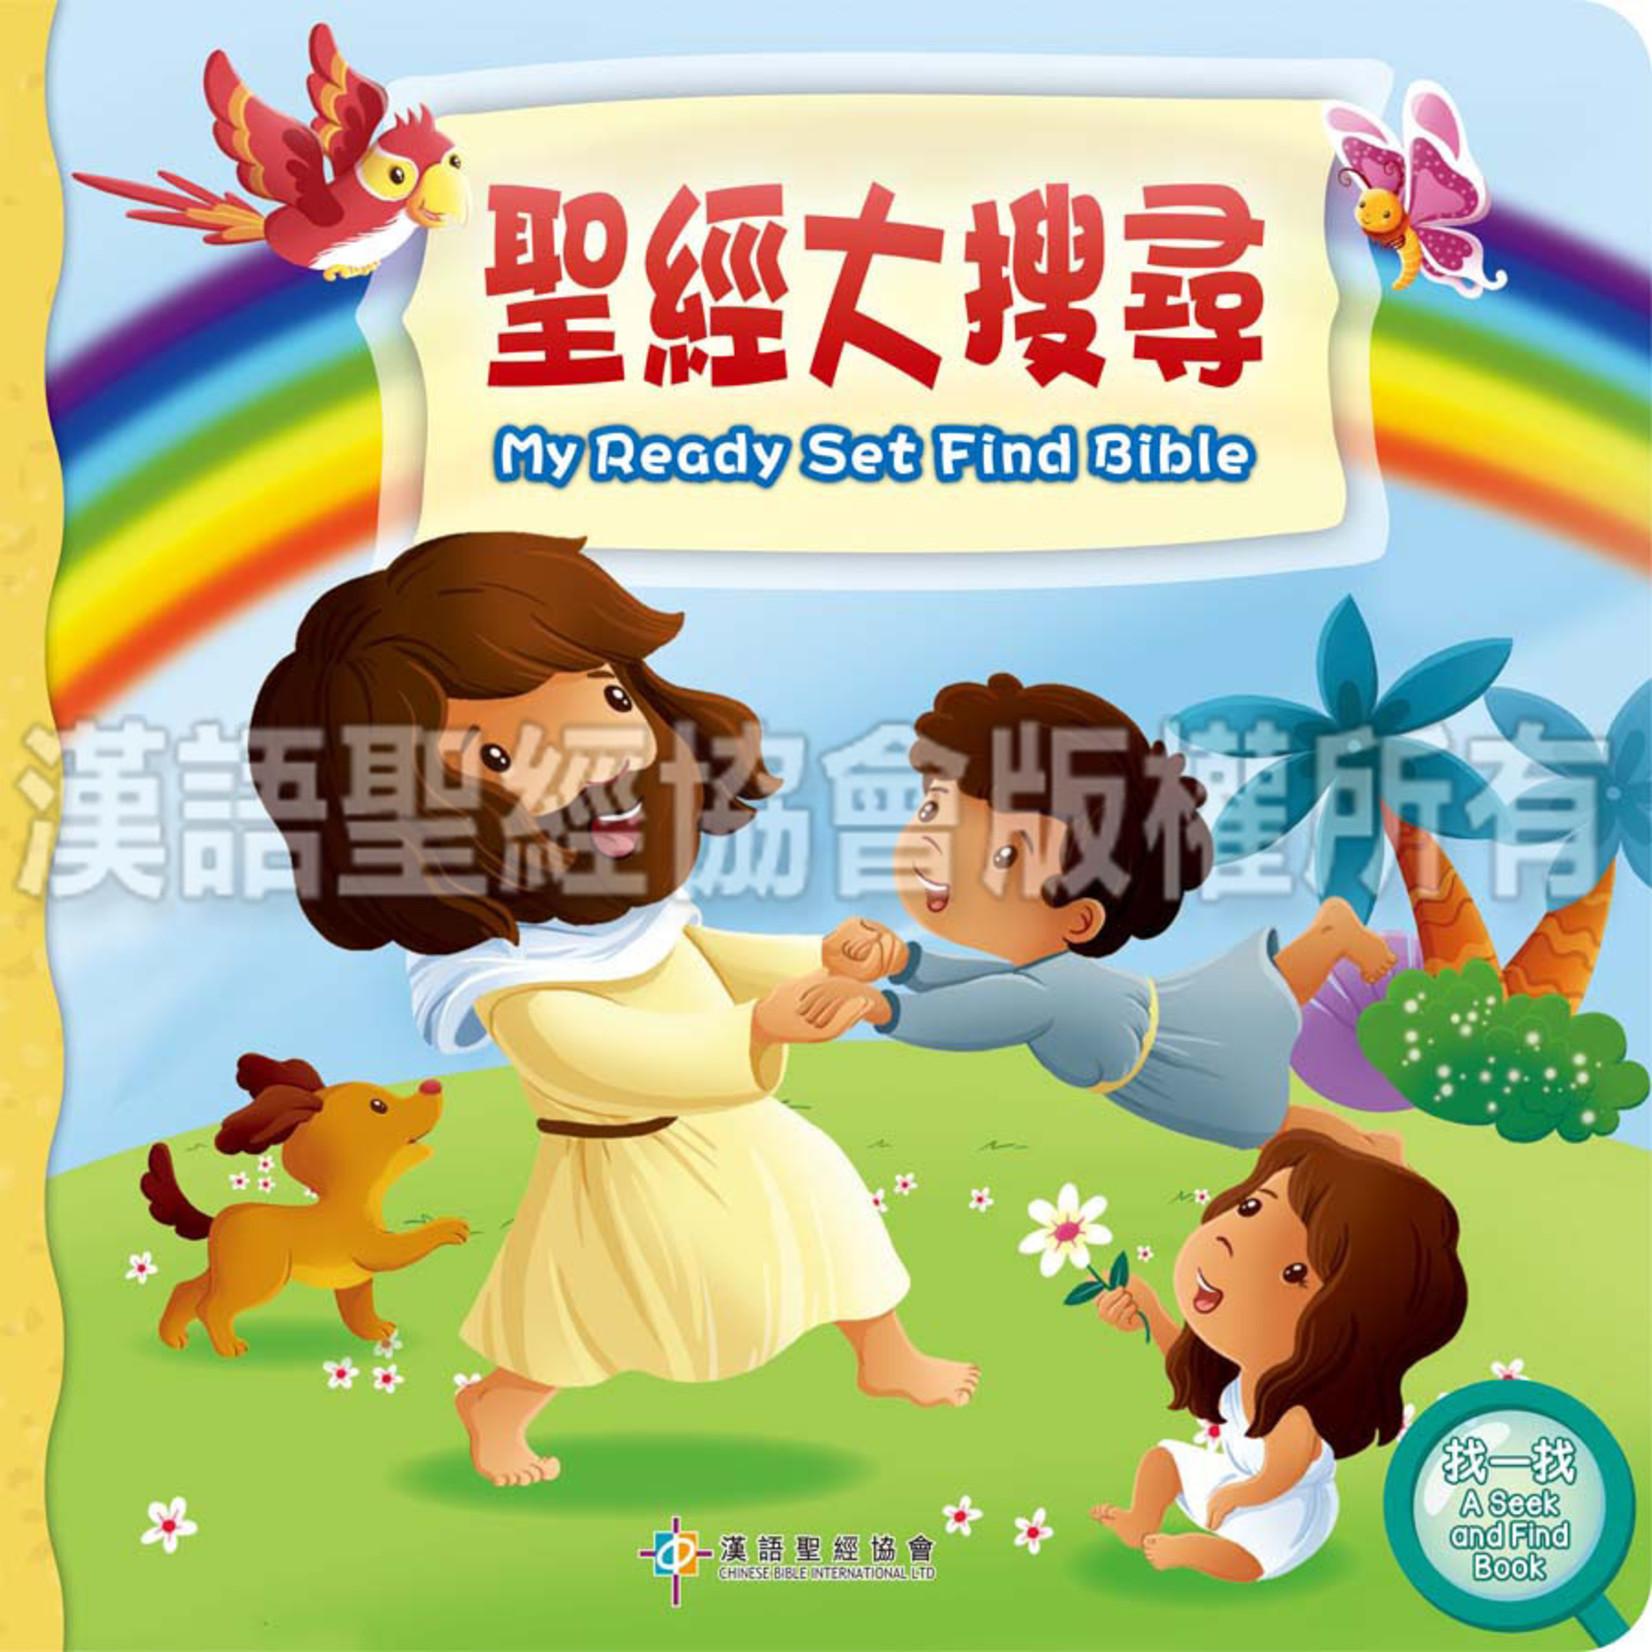 漢語聖經協會 Chinese Bible International 聖經大搜尋(中英對照)(繁體) My Ready Set Find Bible